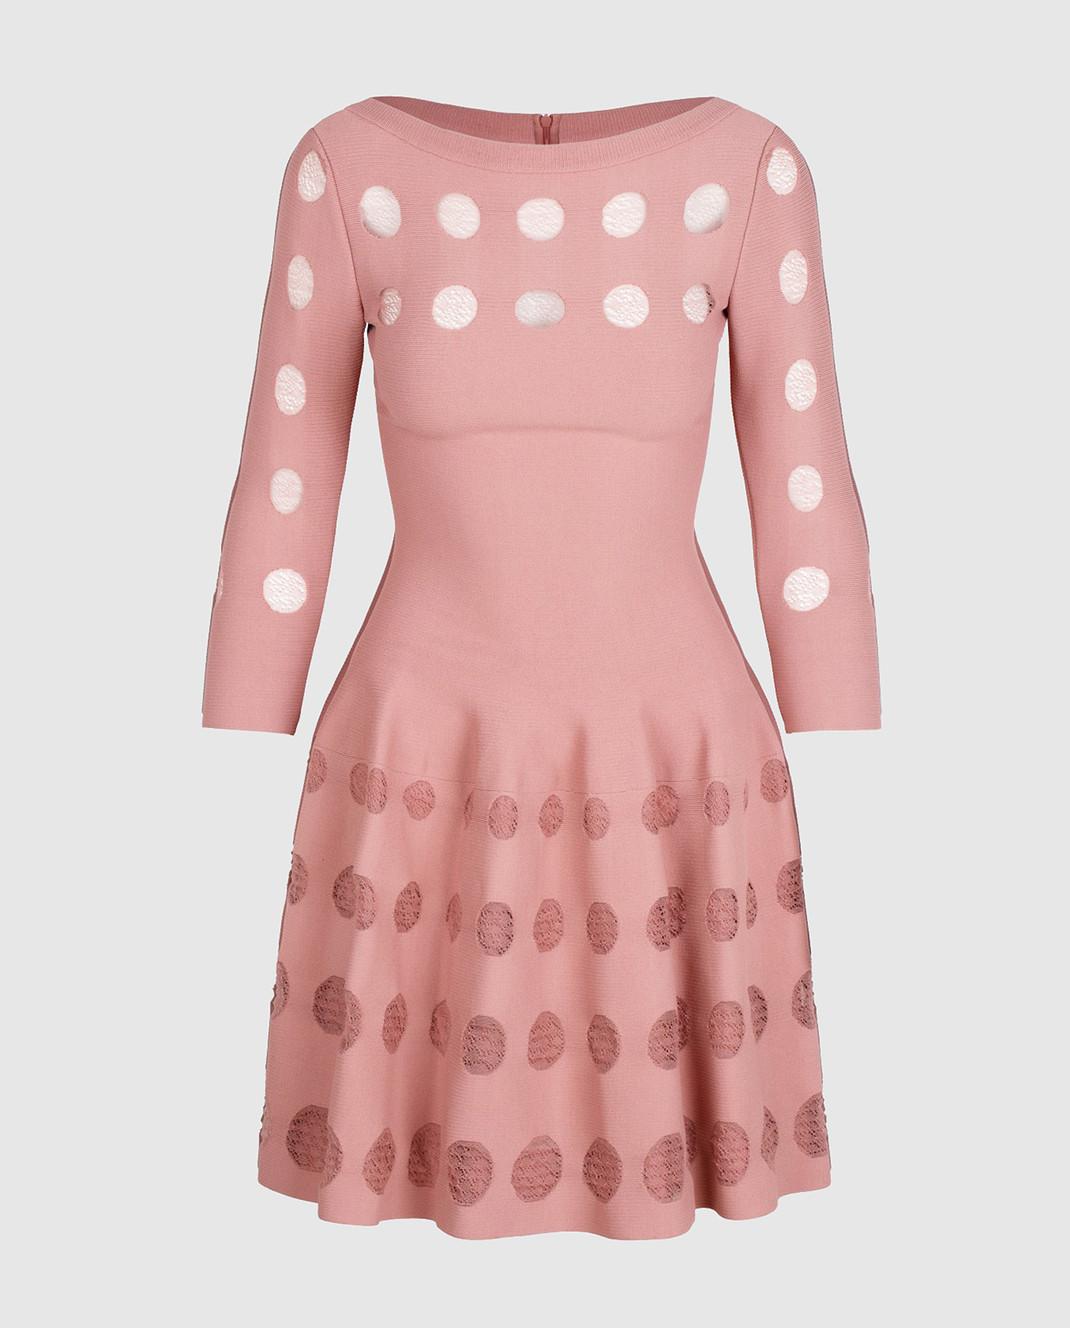 Azzedine Alaia Розовое платье с перфорацией изображение 1